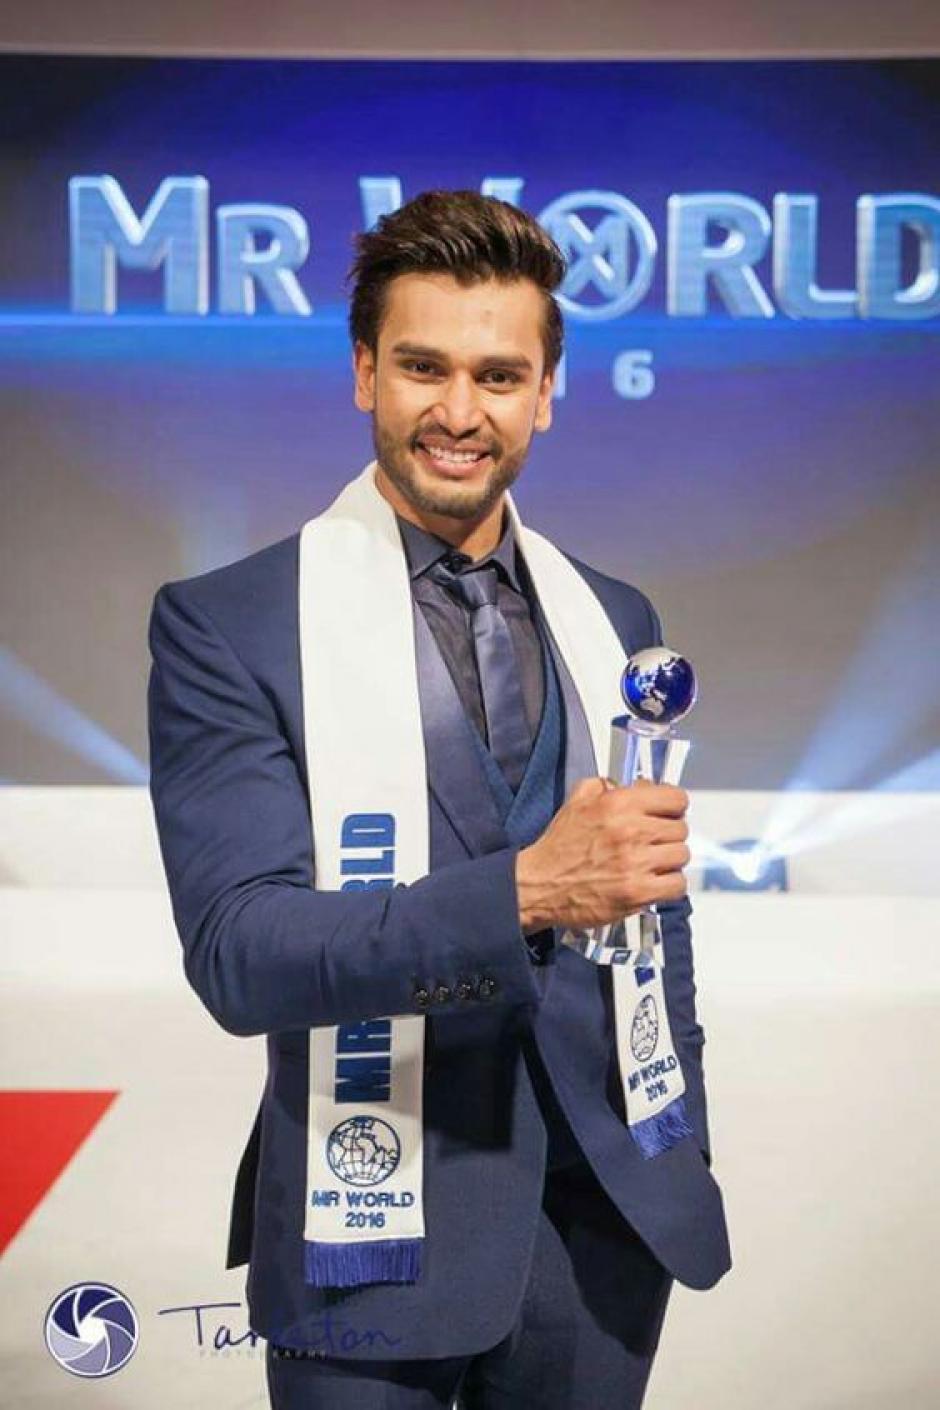 Es primera vez que un indú gana el título. (Foto: Mister Mundo oficial)